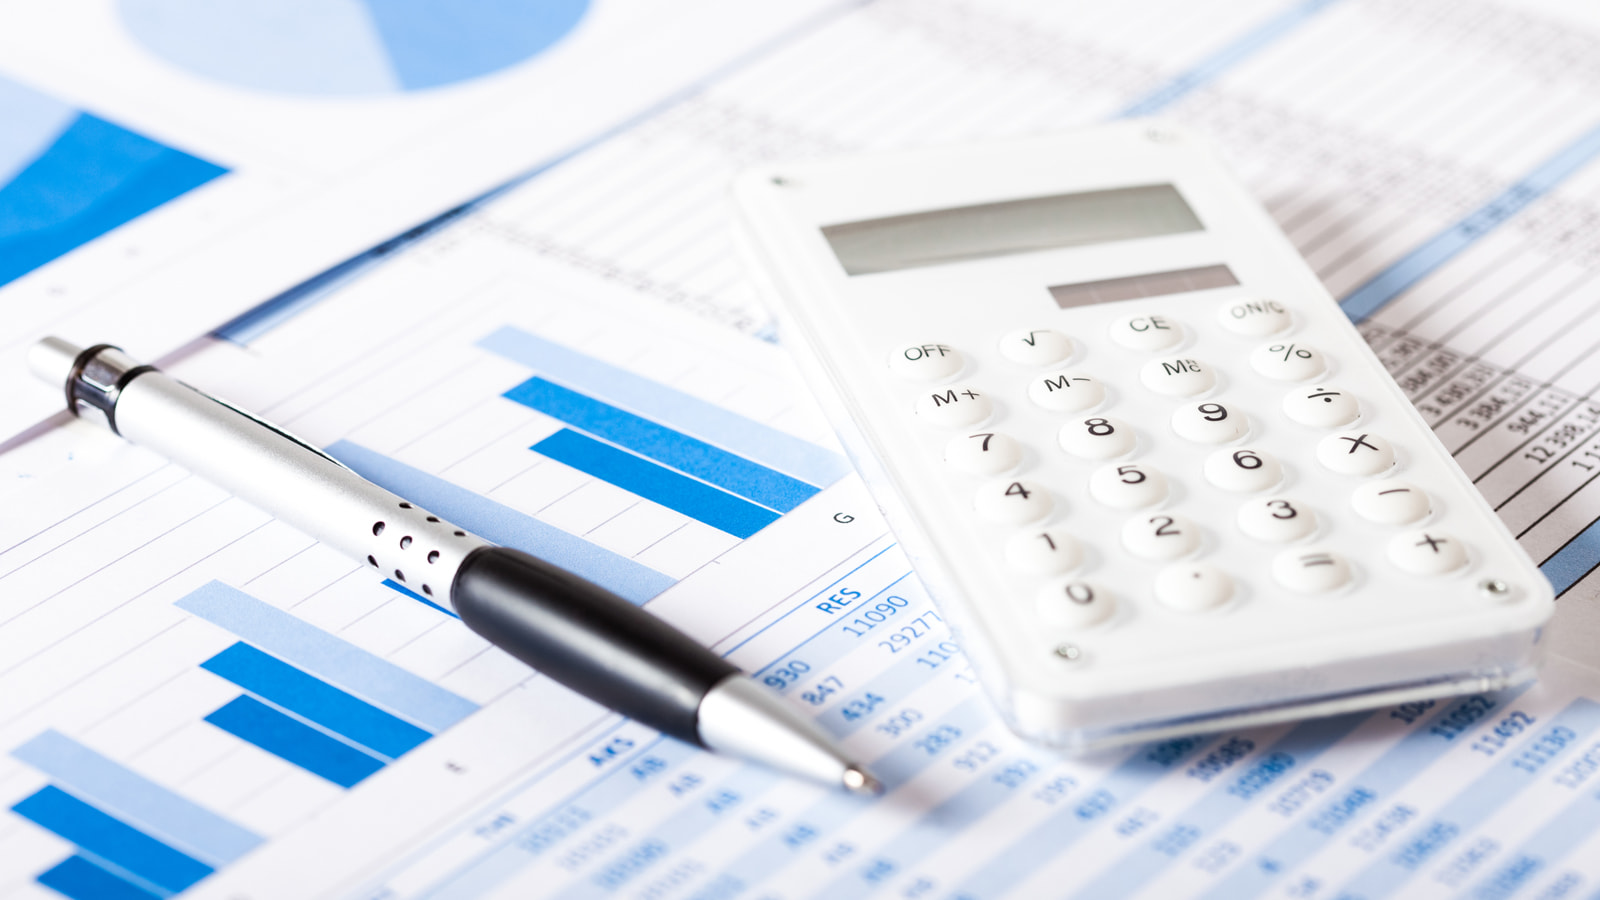 会計・税務の業務